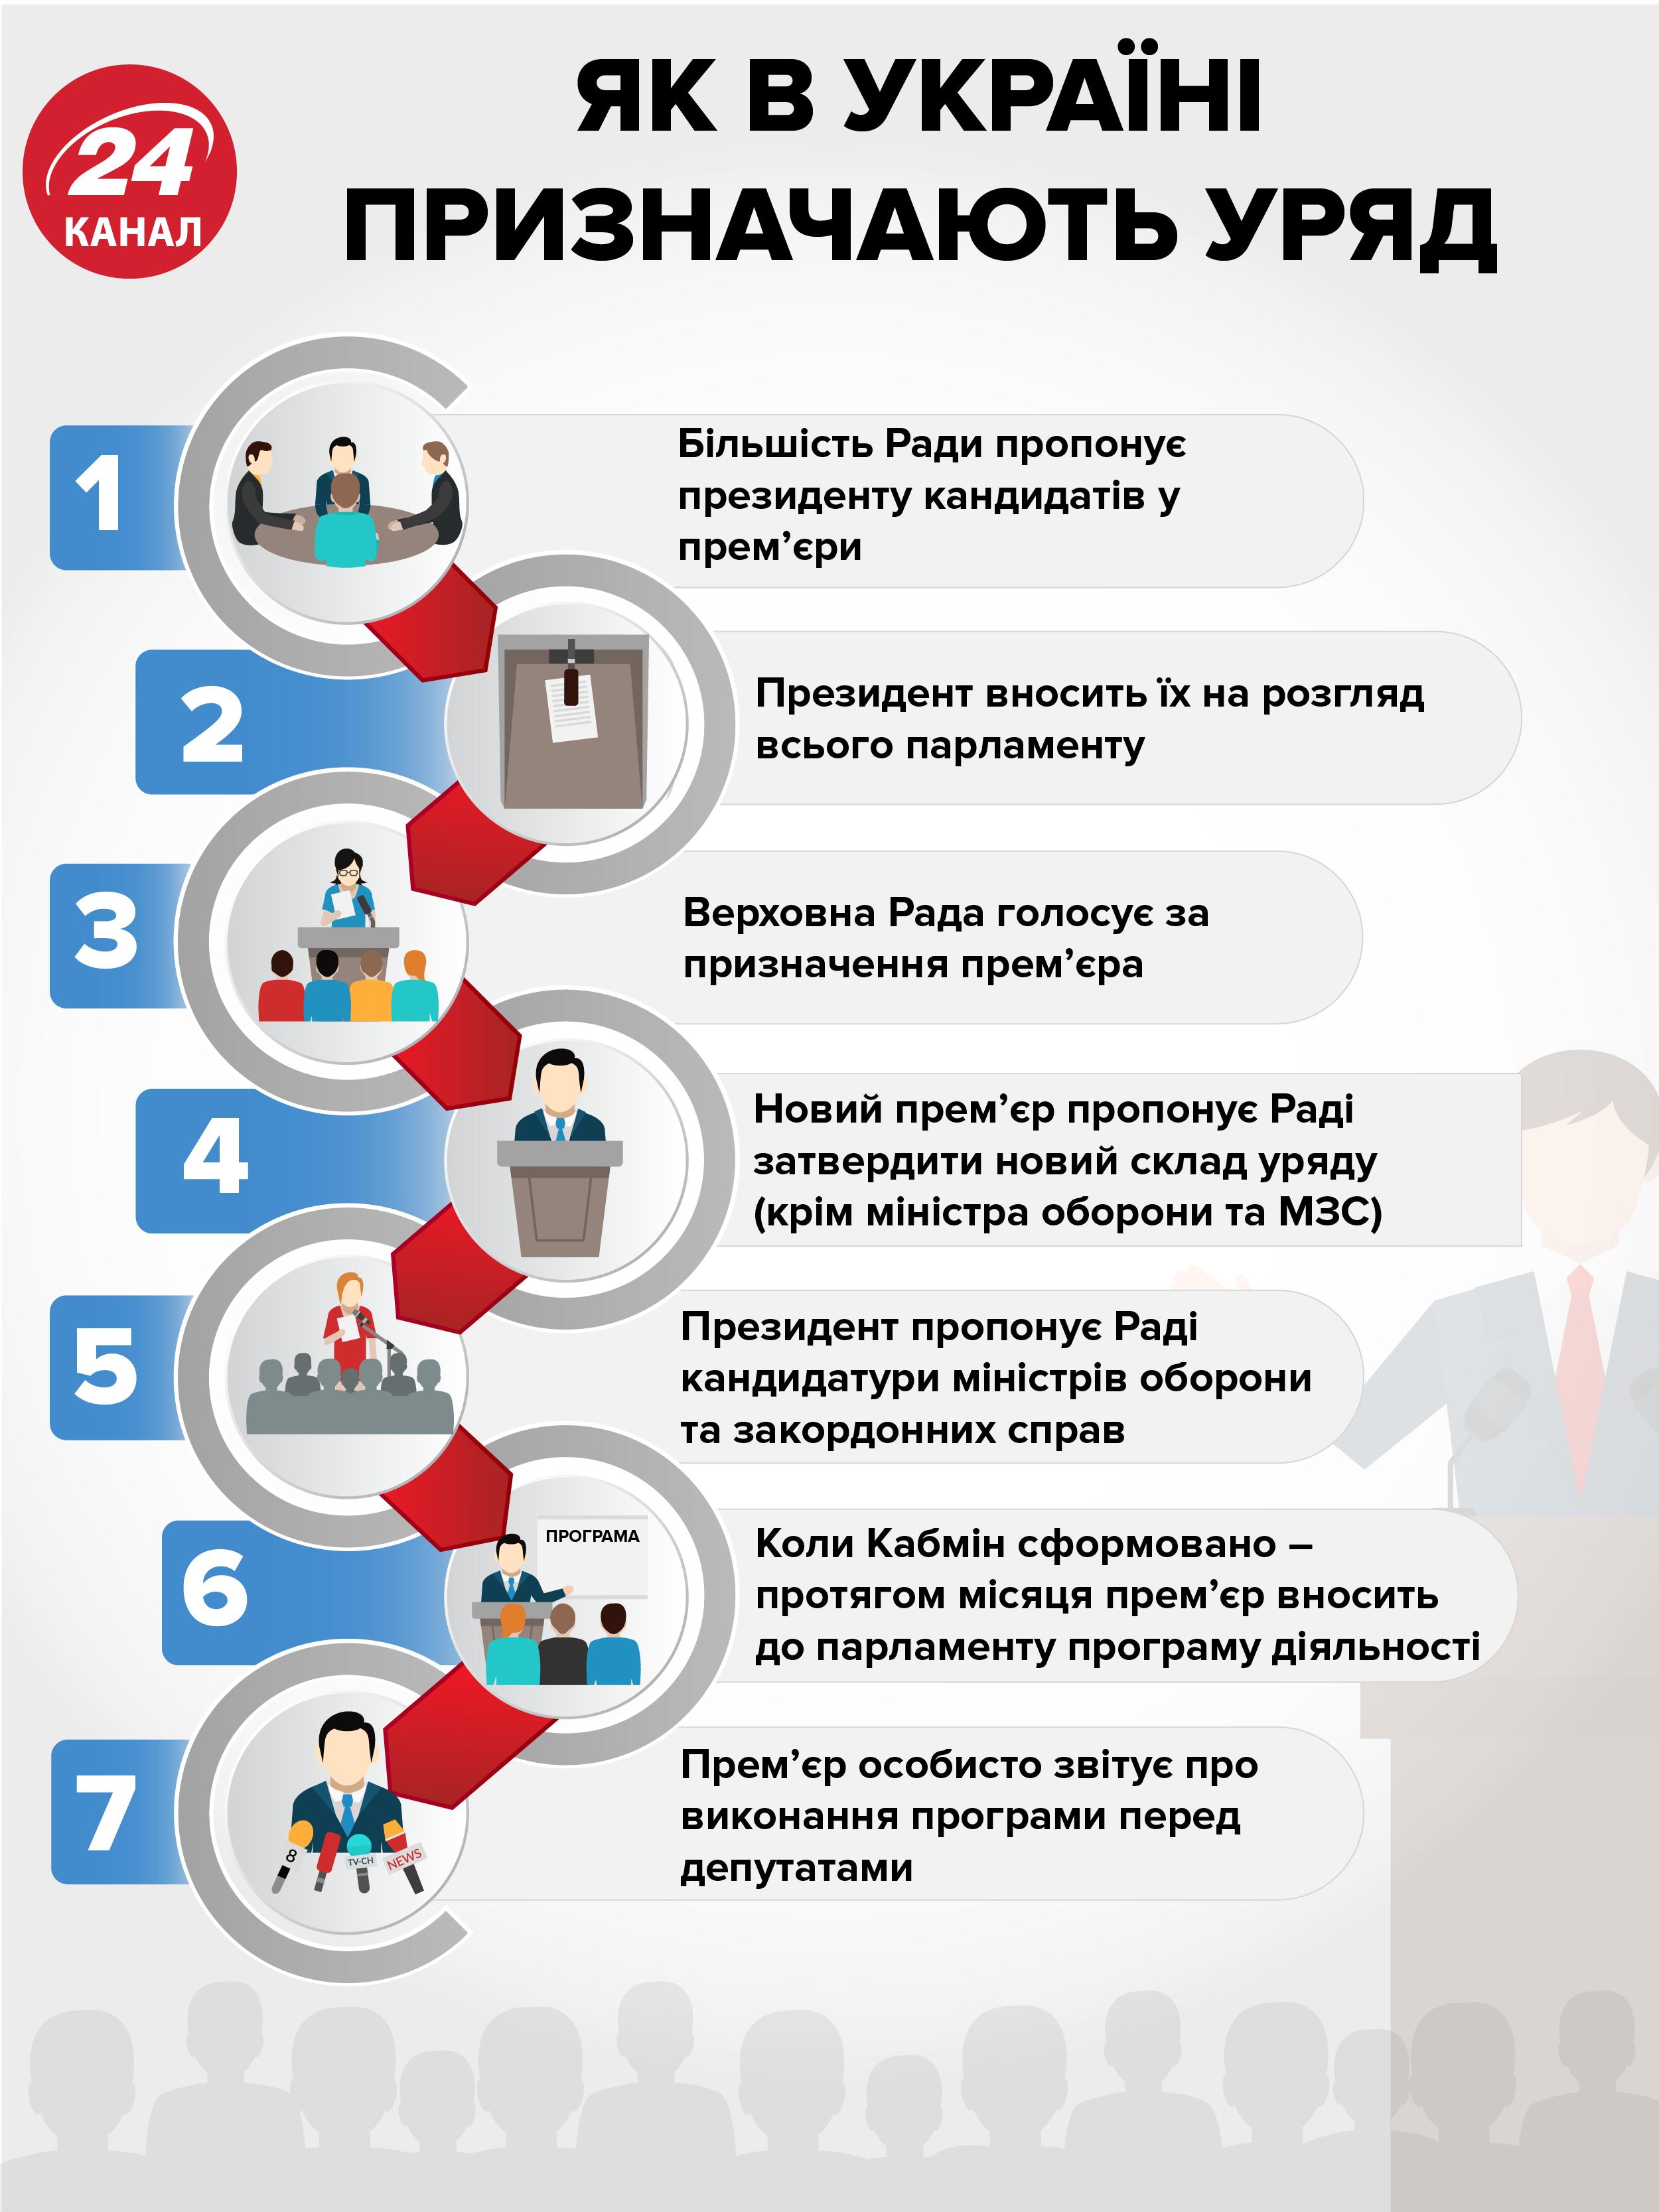 Новый премьер-министр Алексей Гончарук впервые обратился к украинцам: главные тезисы